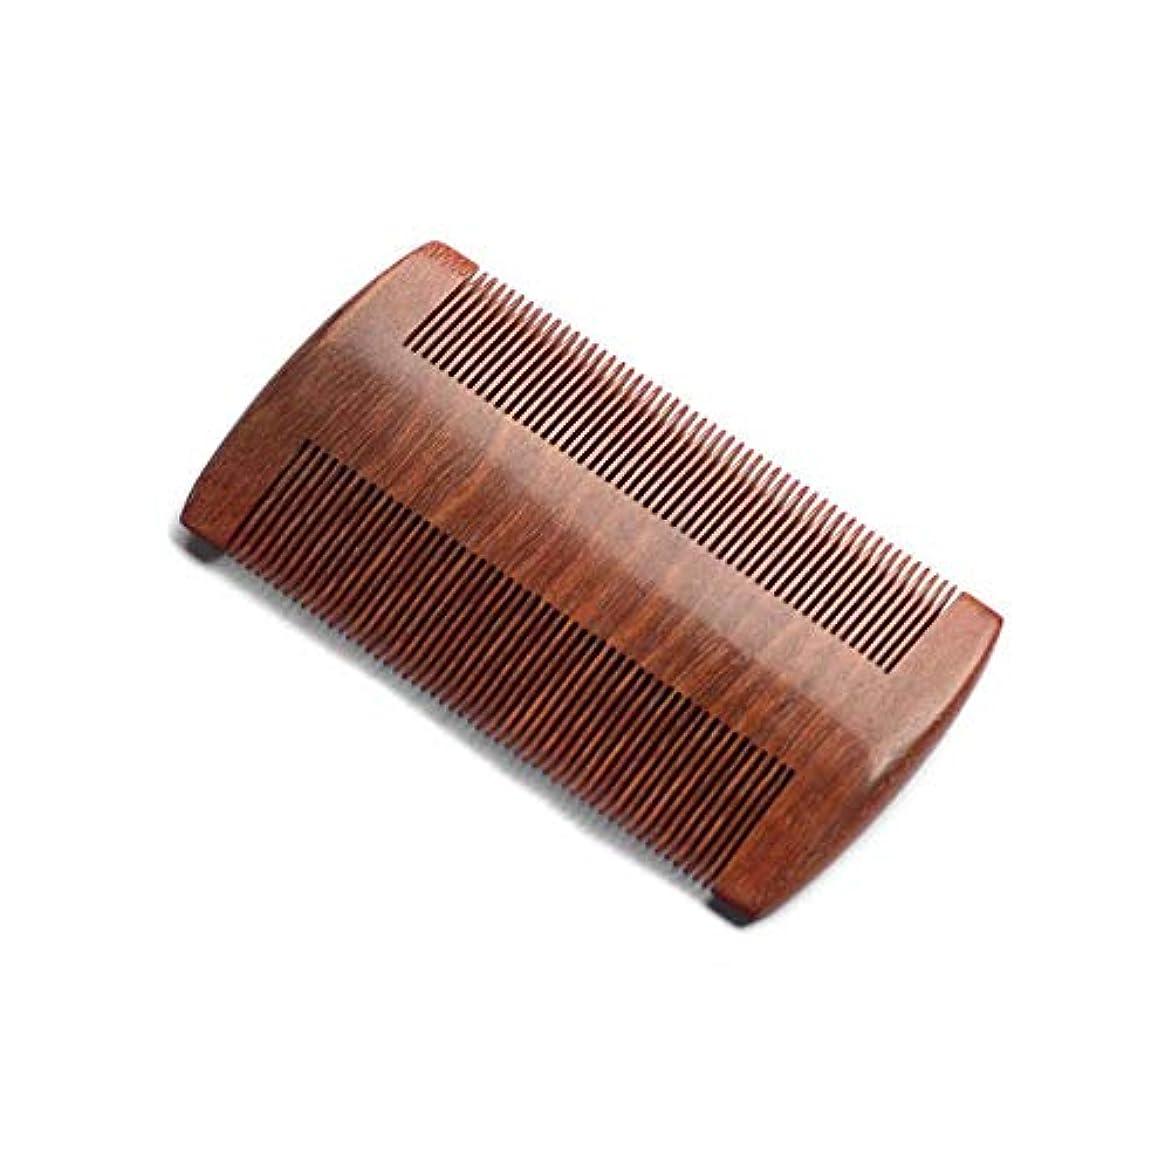 穏やかな中央ショットZYDP 細かいコンパクトな歯赤白檀の髪の櫛手作りの櫛帯電防止髪の櫛